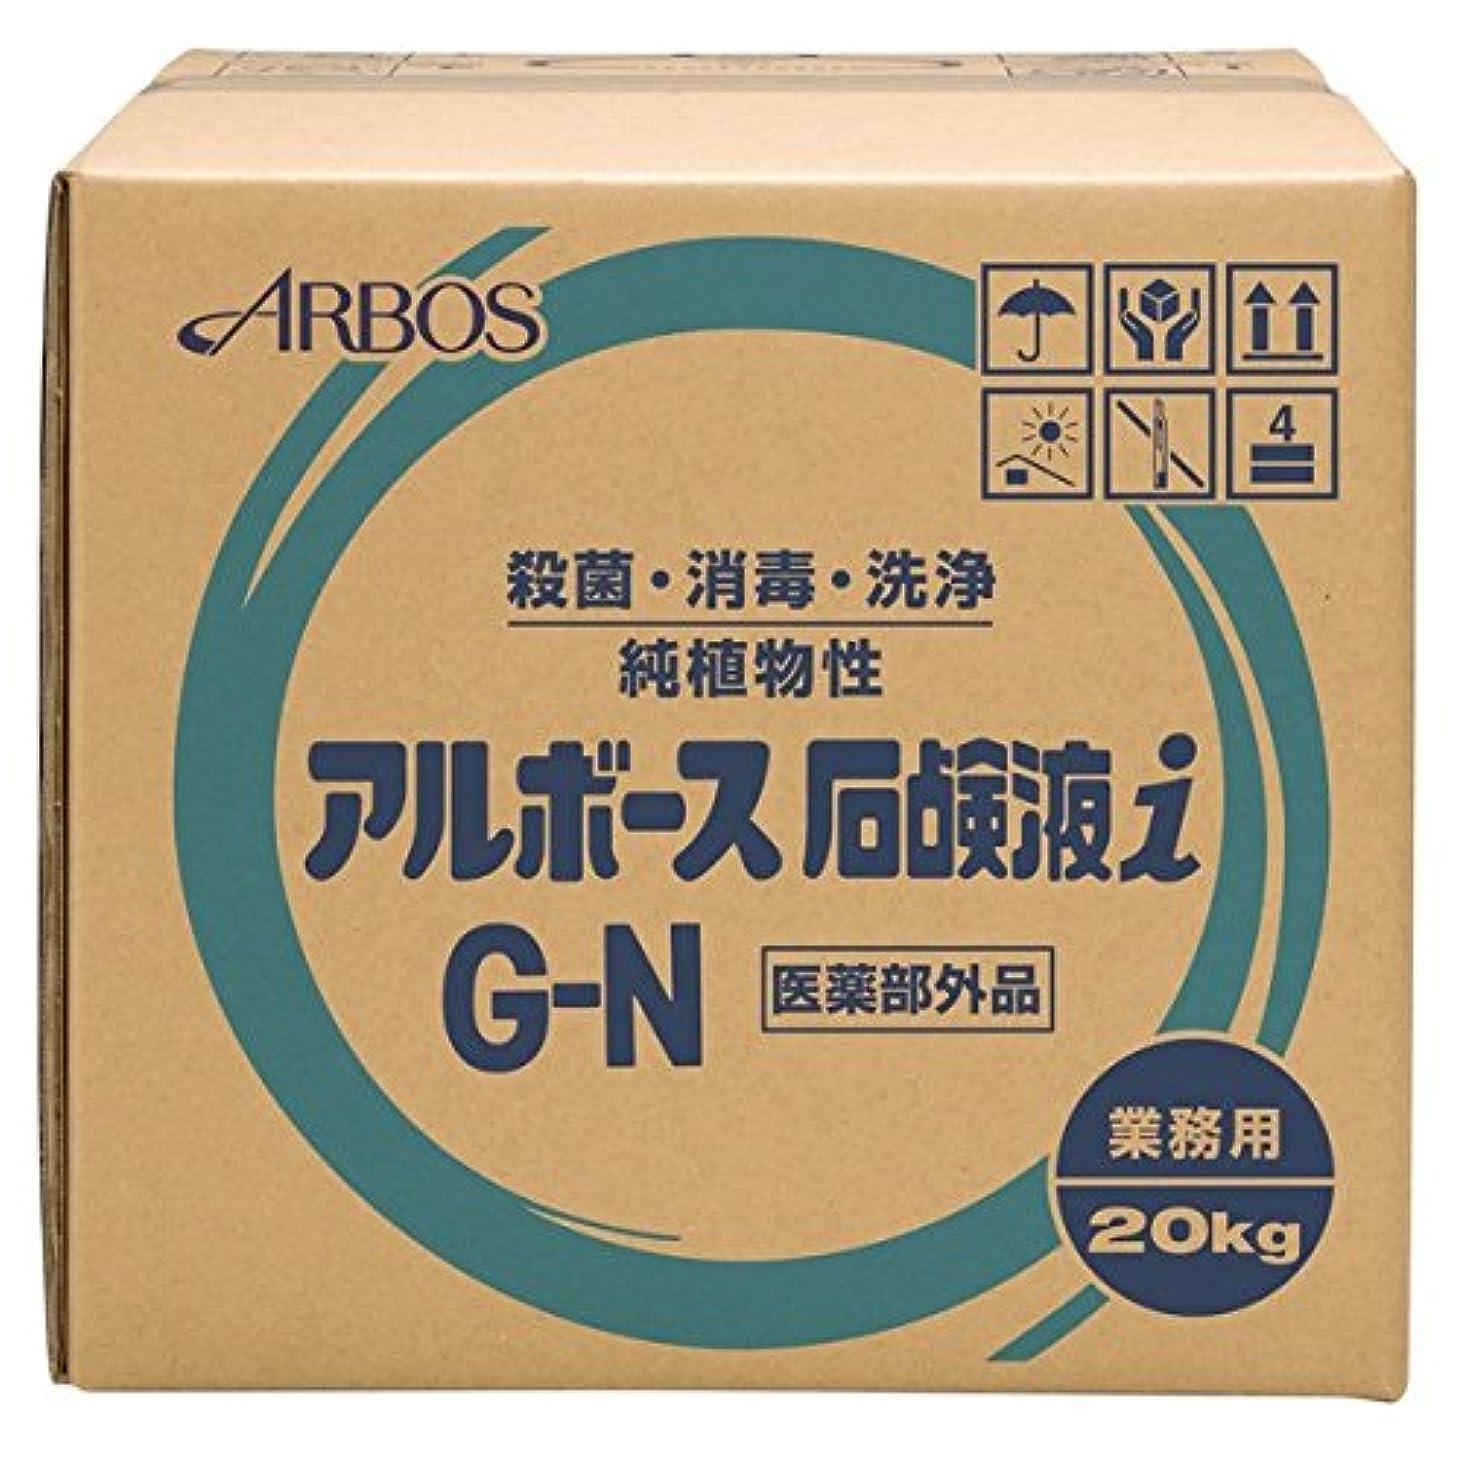 シャー空気翻訳アルボース 薬用ハンドソープ アルボース石鹸液i G-N 濃縮タイプ 20kg